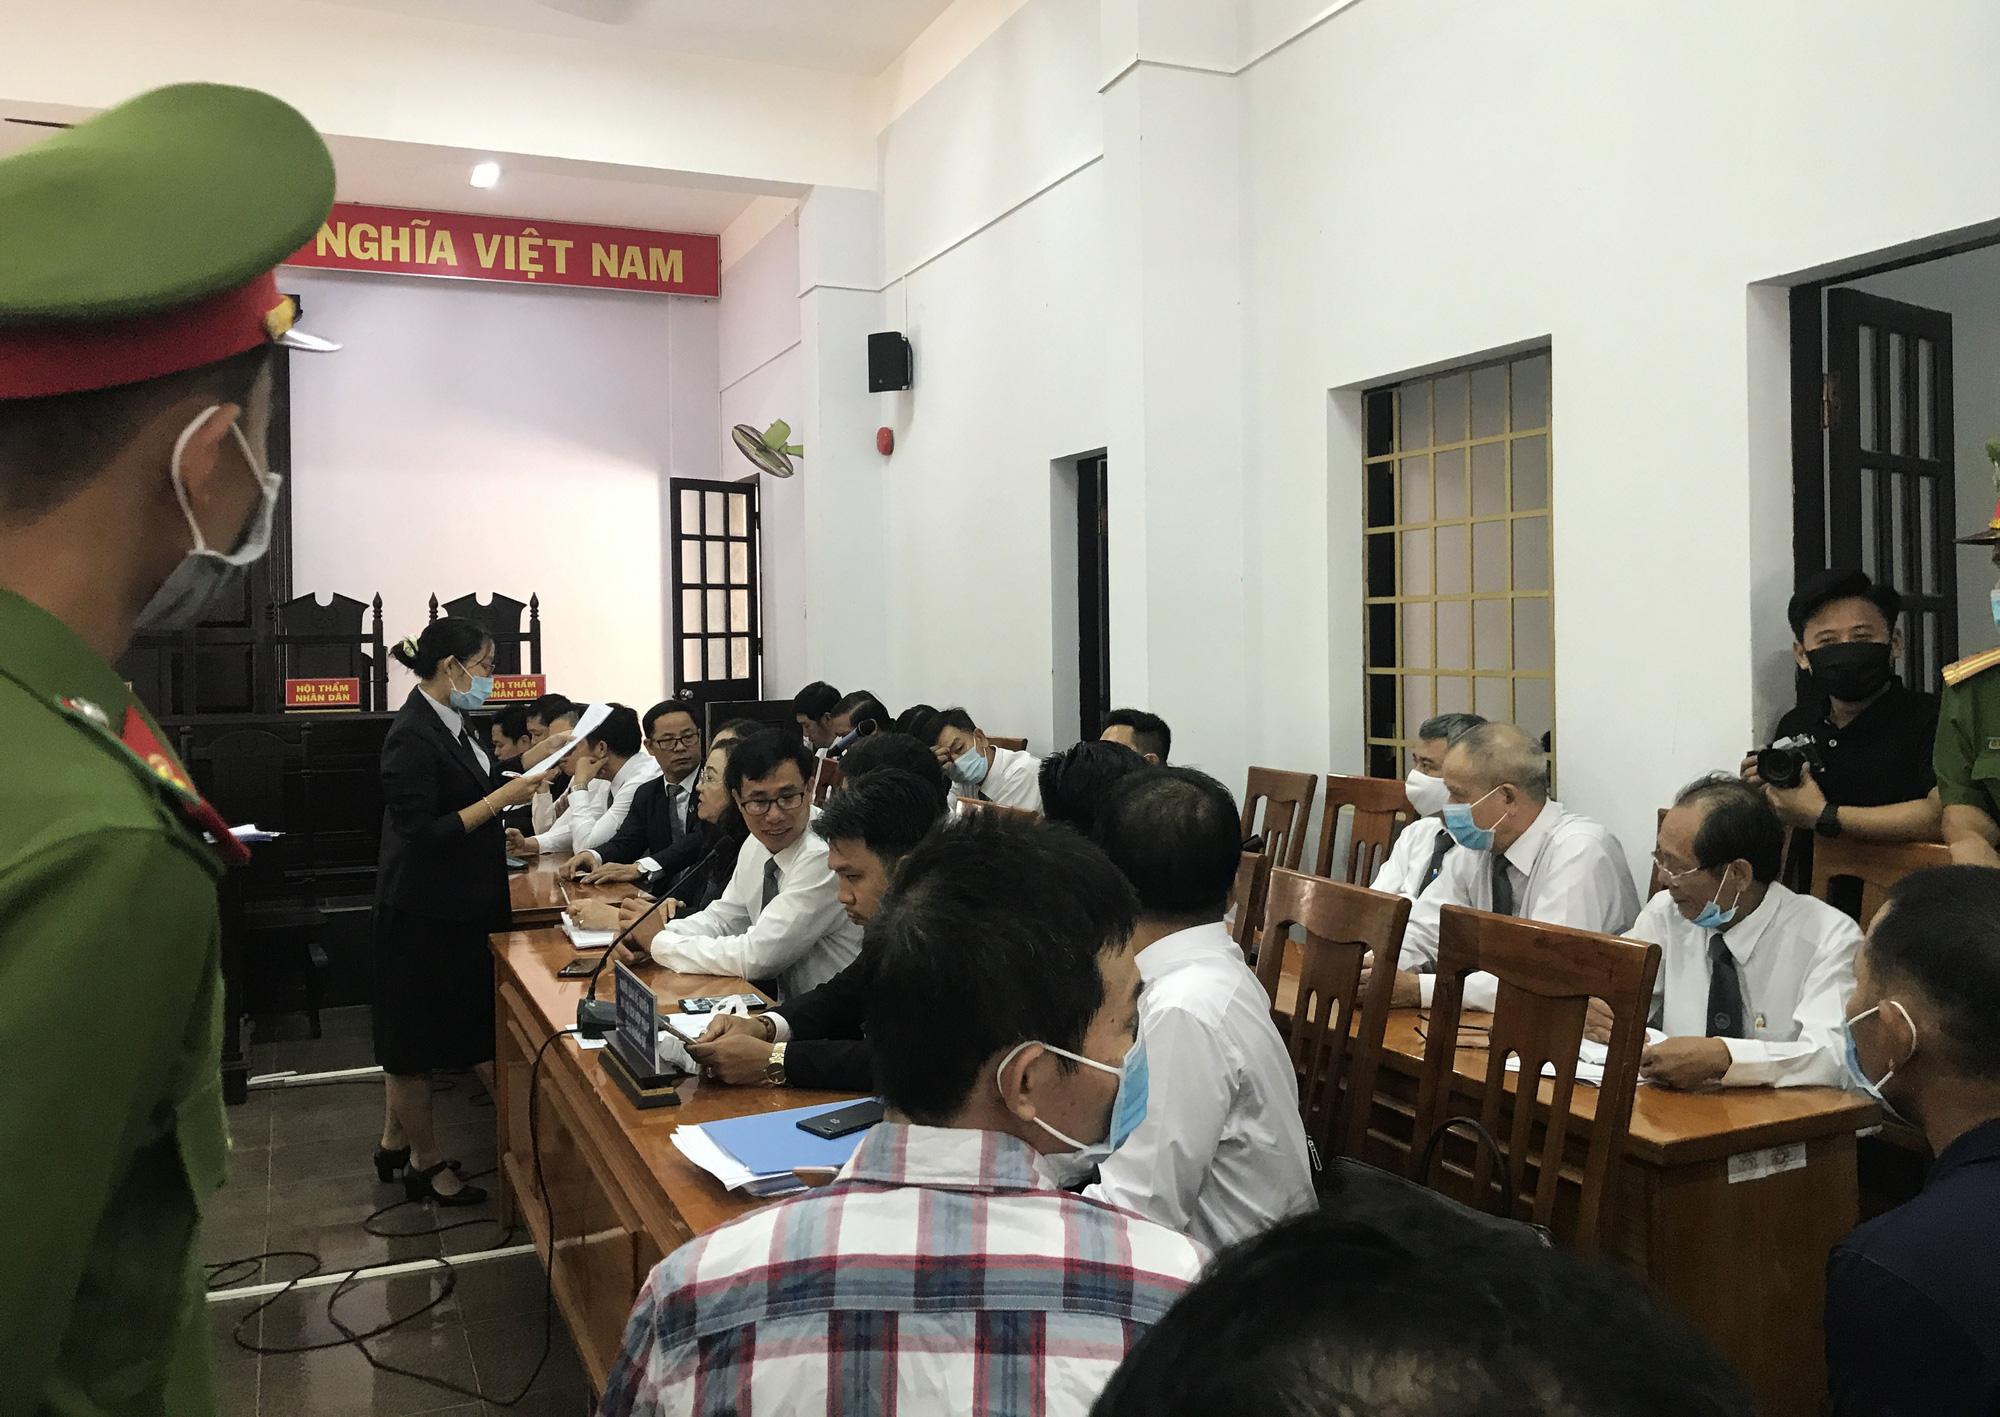 Xét xử đại gia Trịnh Sướng: Hai bị cáo và nhiều người liên quan vắng mặt - Ảnh 3.